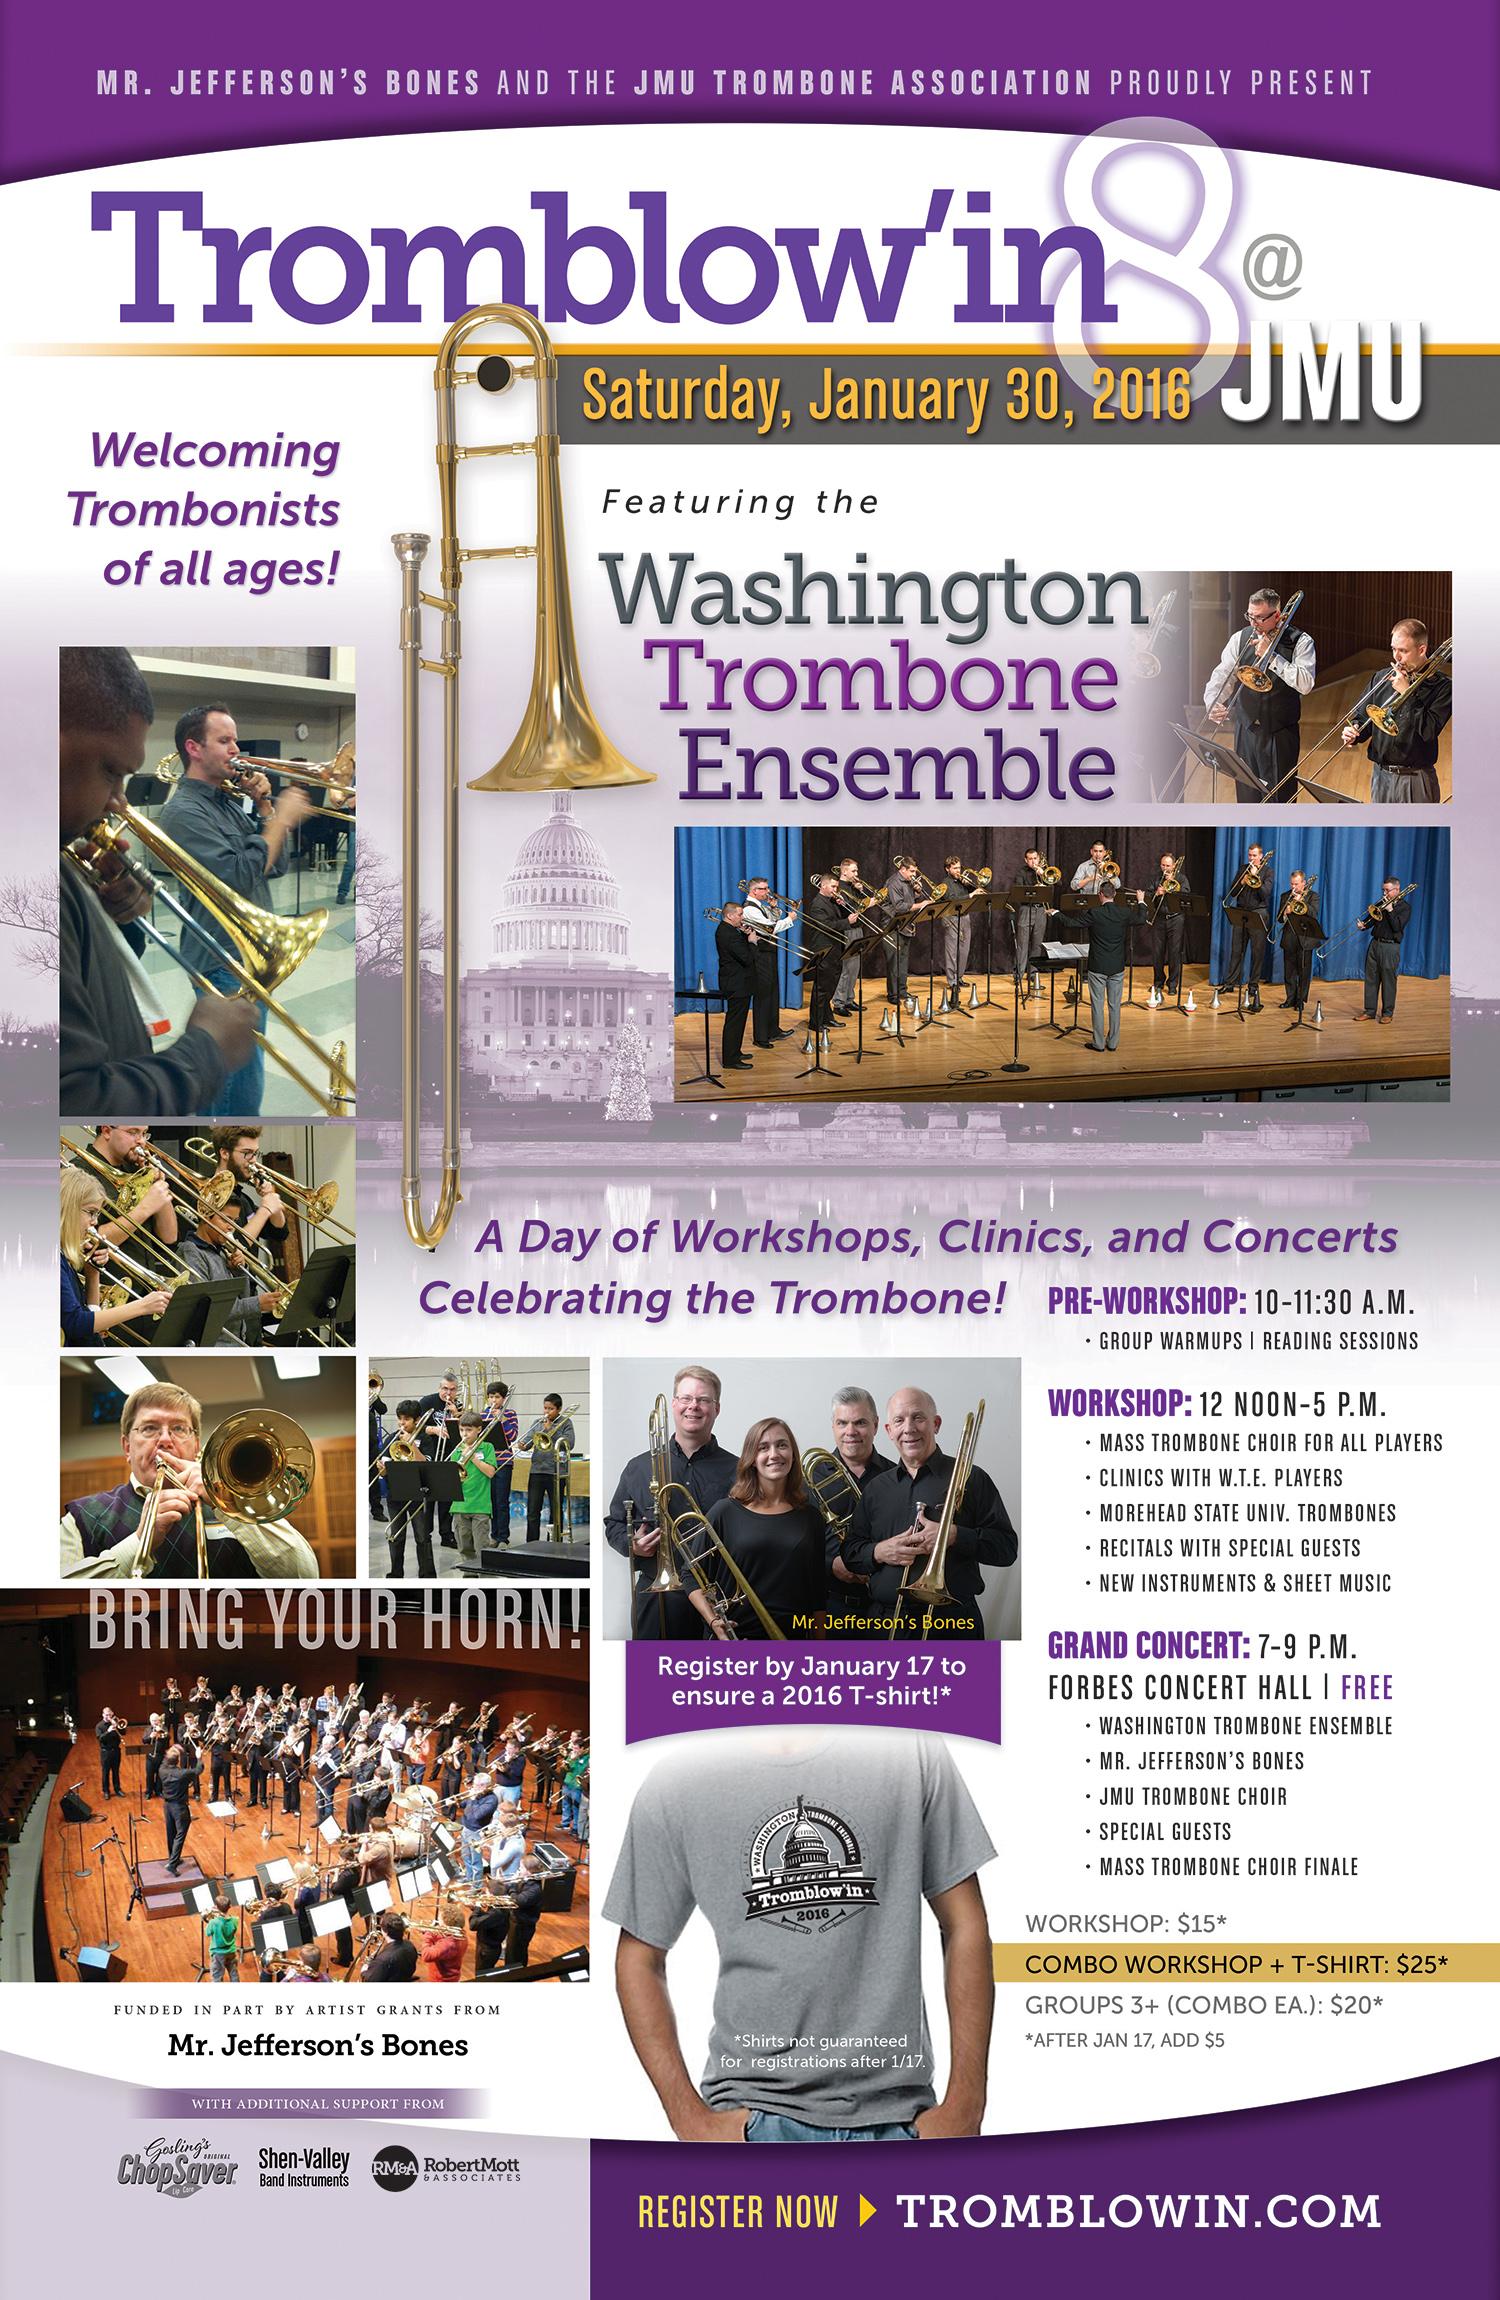 Tromblow'in 8 Poster